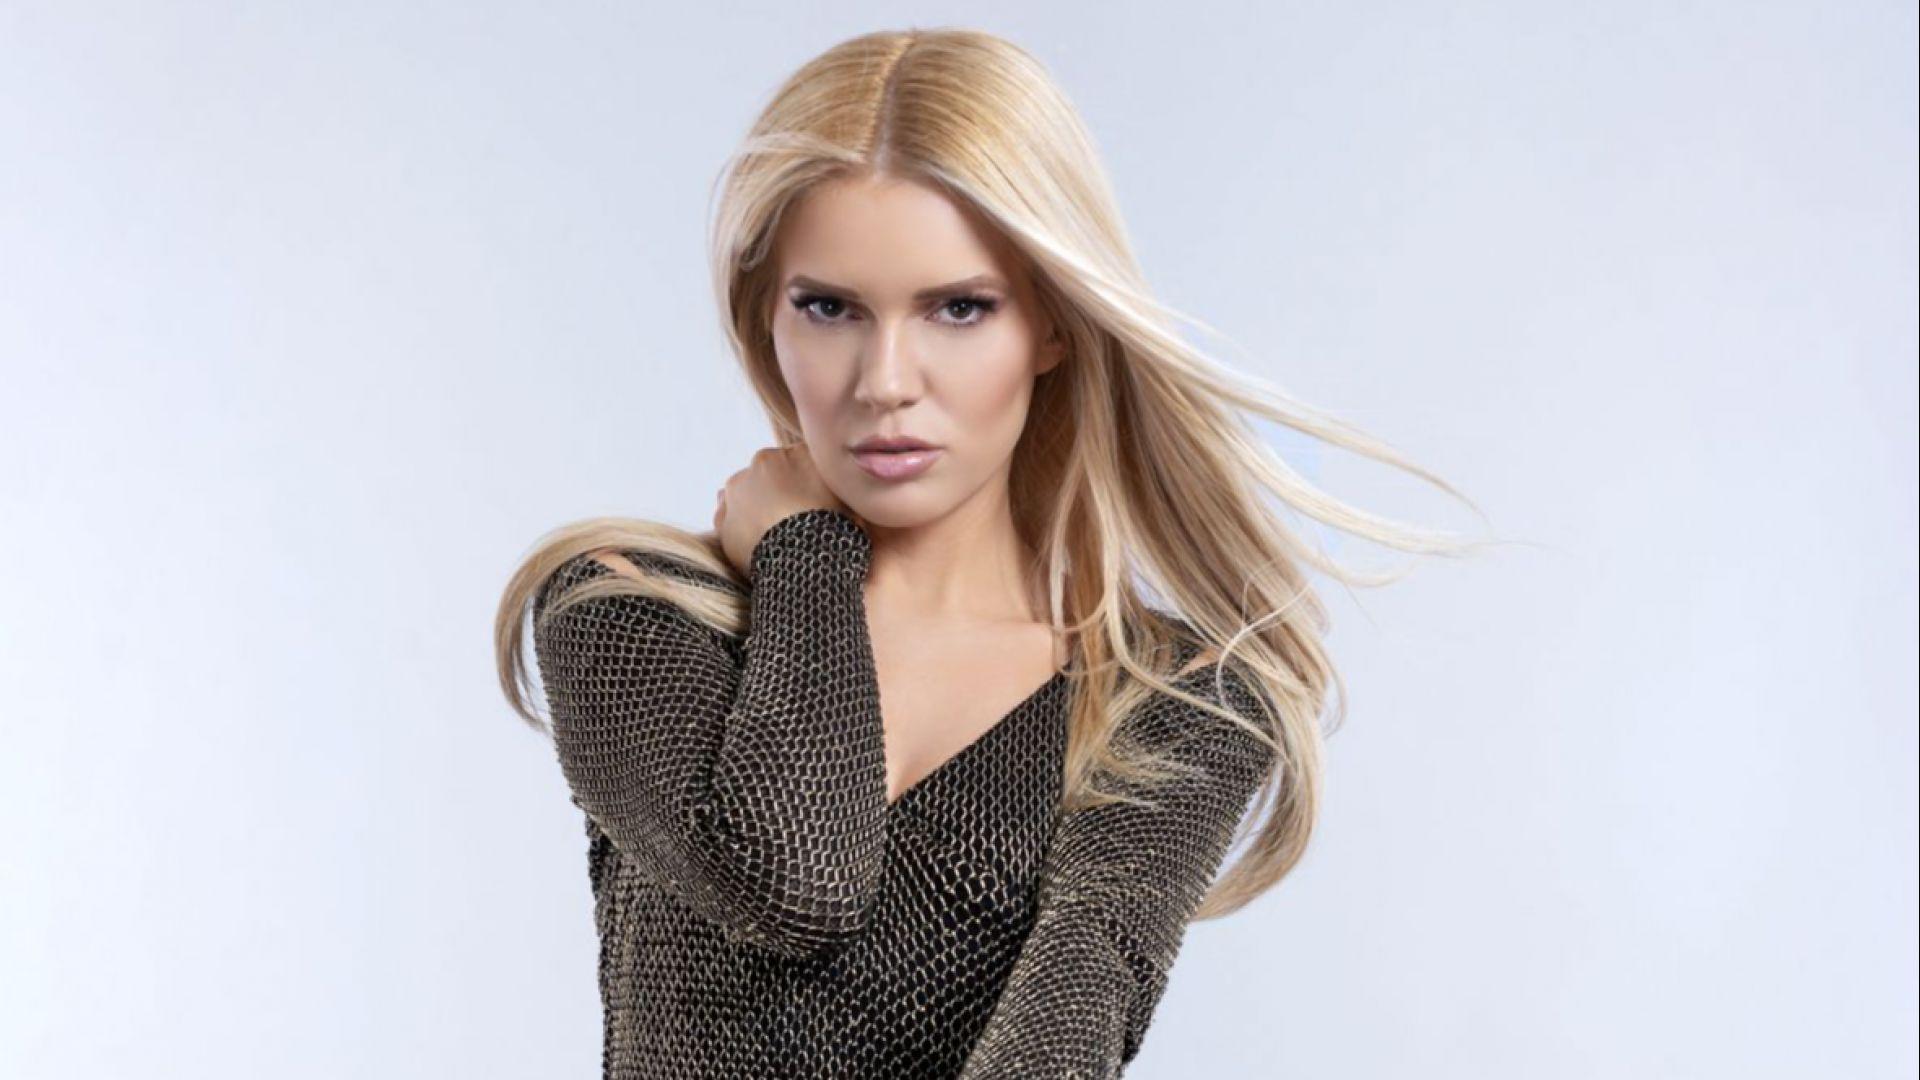 Нели Петкова издаде албум, записан в България и САЩ